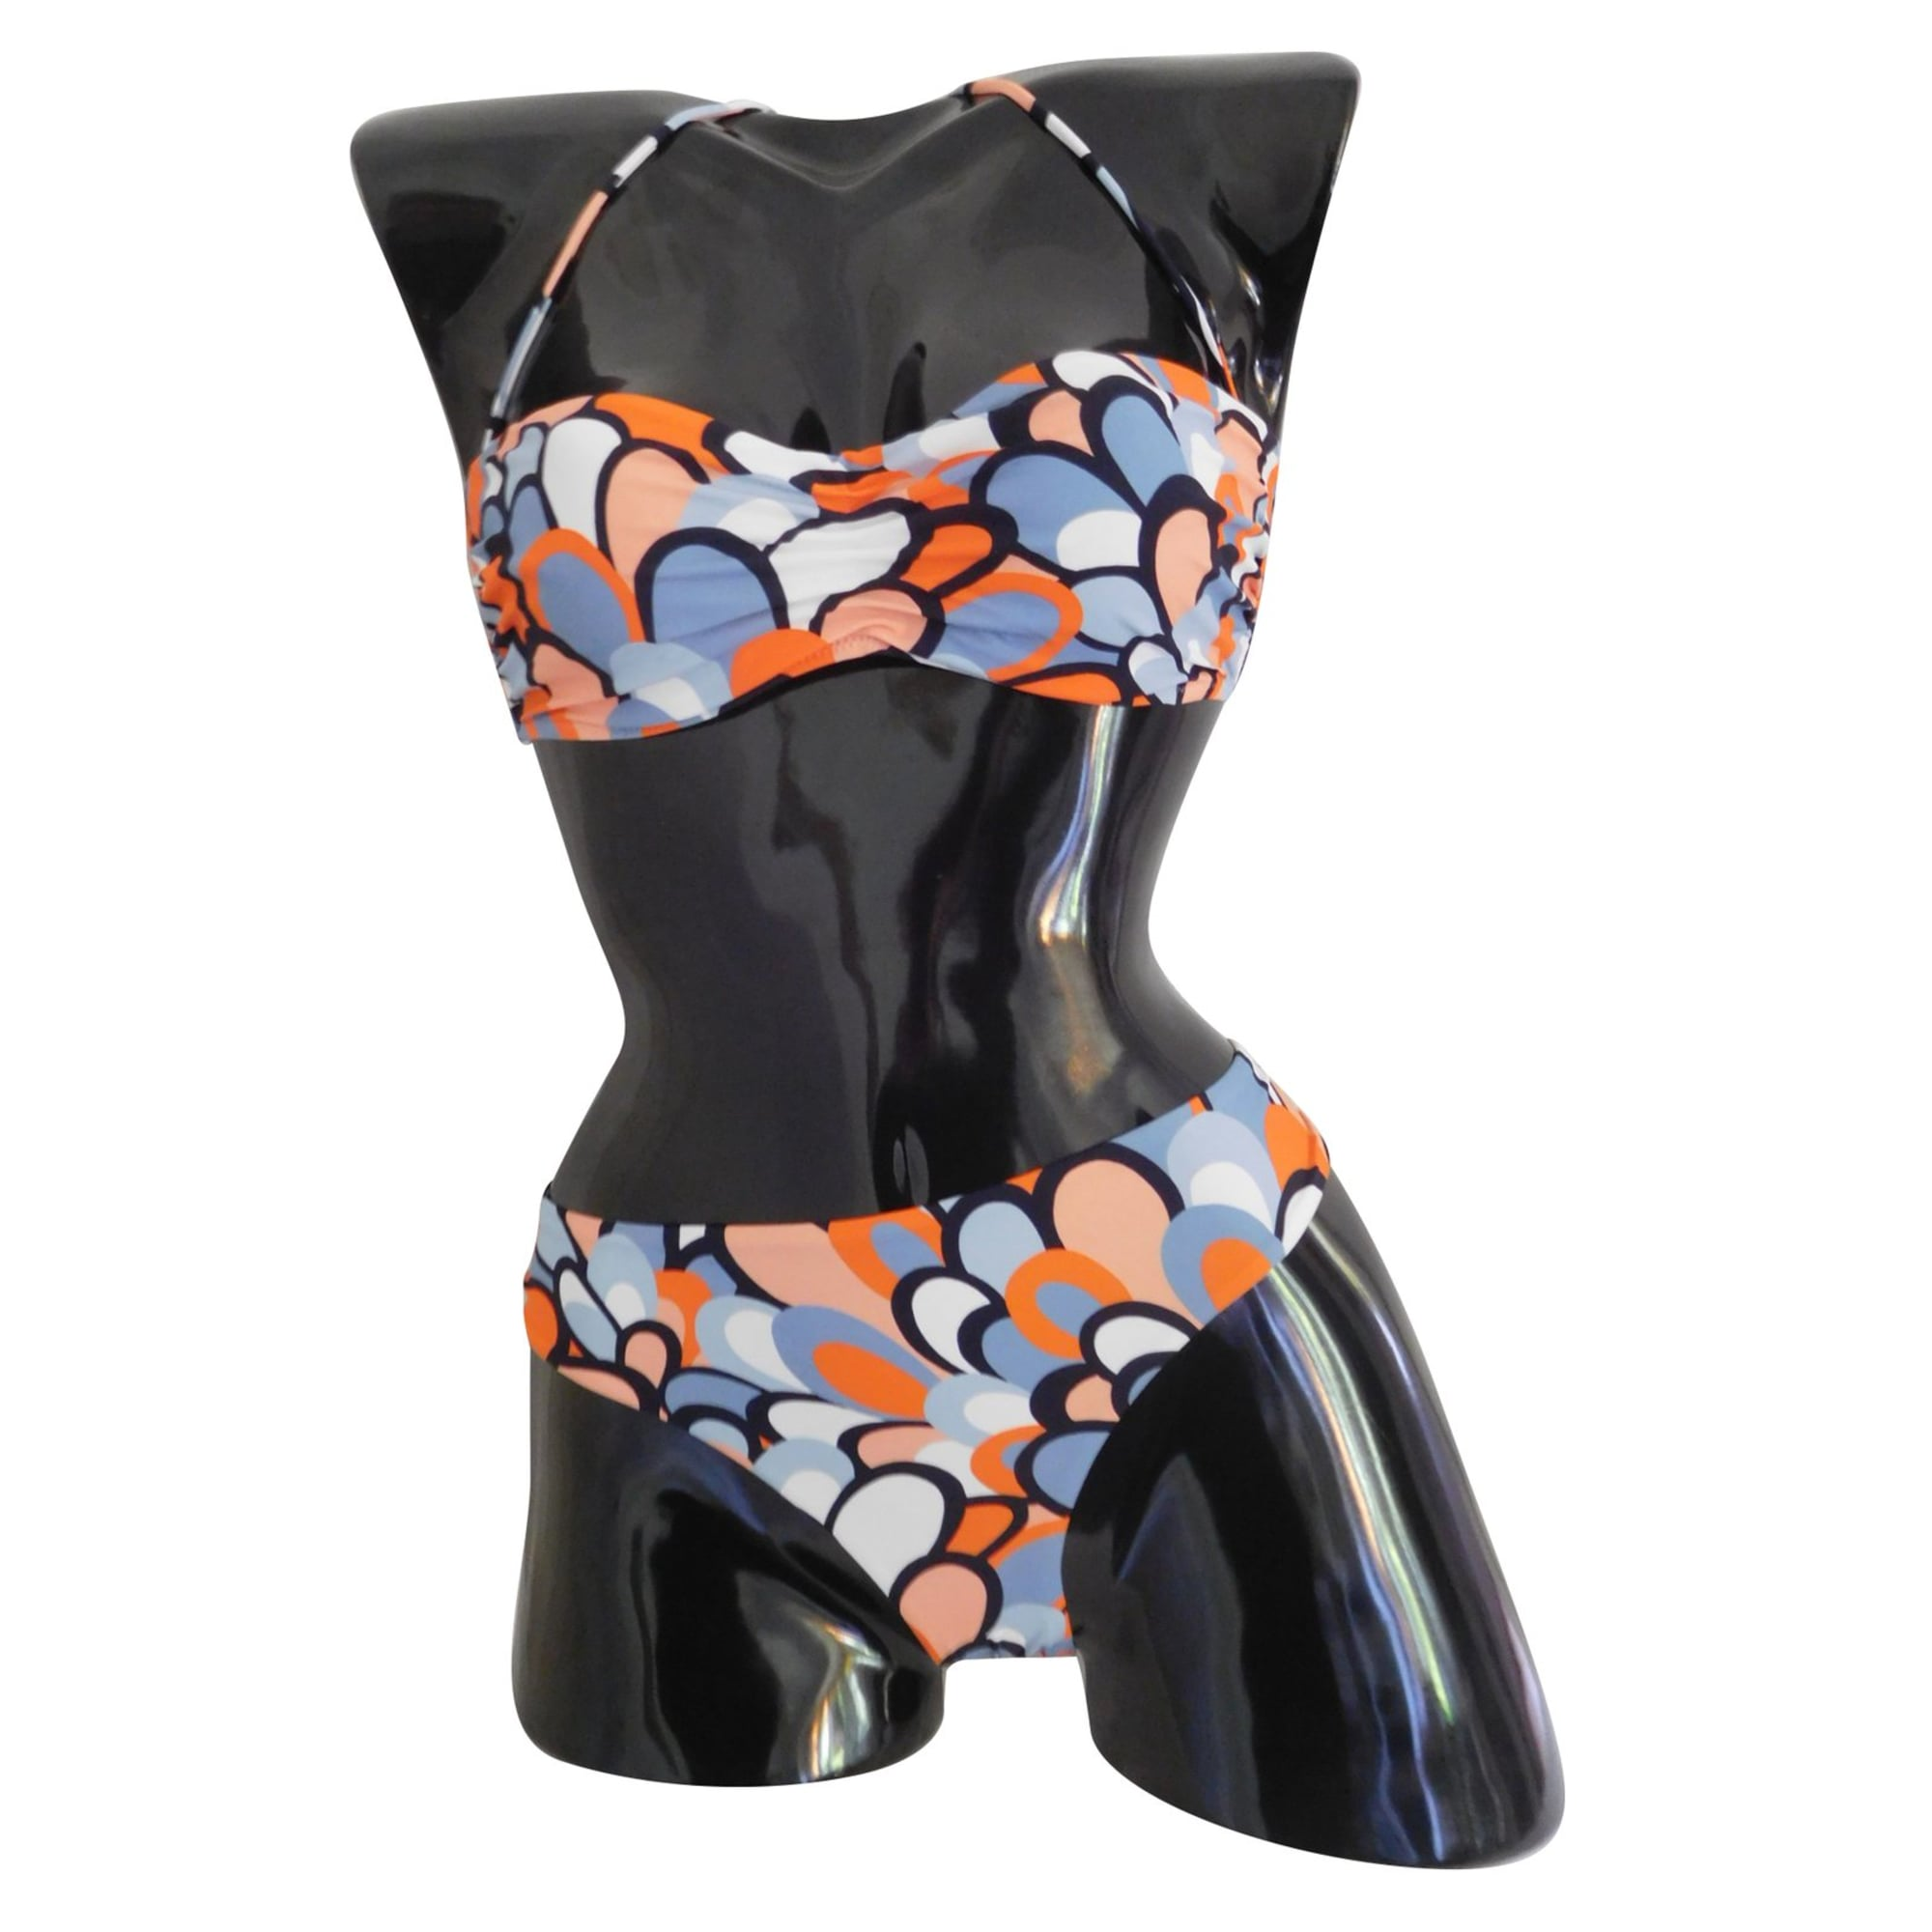 maillot de bain deux pi ces la perla 42 l xl t4 multicouleur 7694057. Black Bedroom Furniture Sets. Home Design Ideas